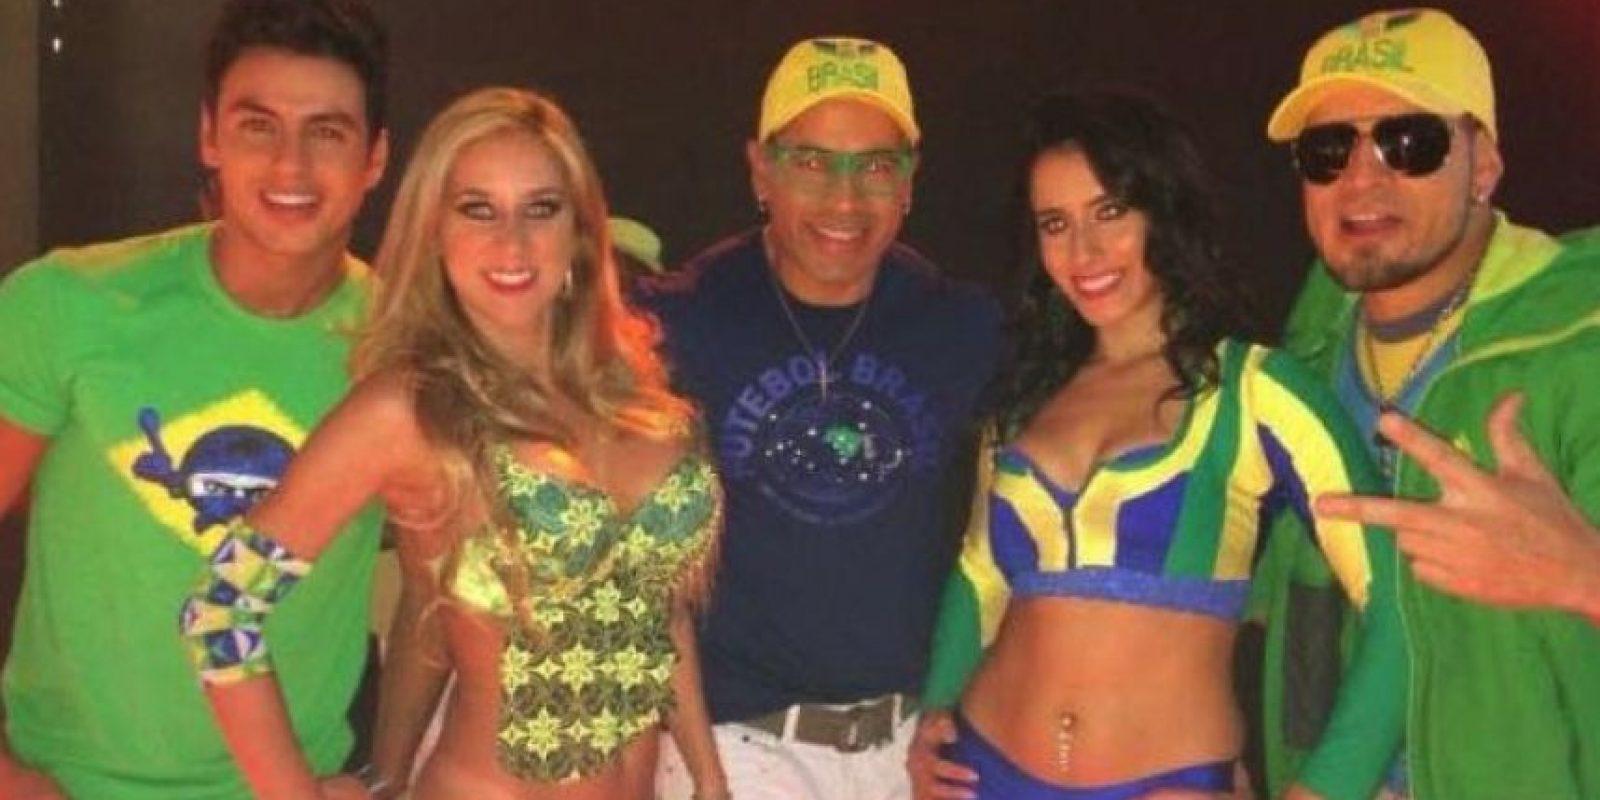 """Alcanzaron fama internacional con el éxito """"Beijo na Boca"""" (Beso en la boca) Foto:Vía Facebook.com/AxeBahiaOficial"""